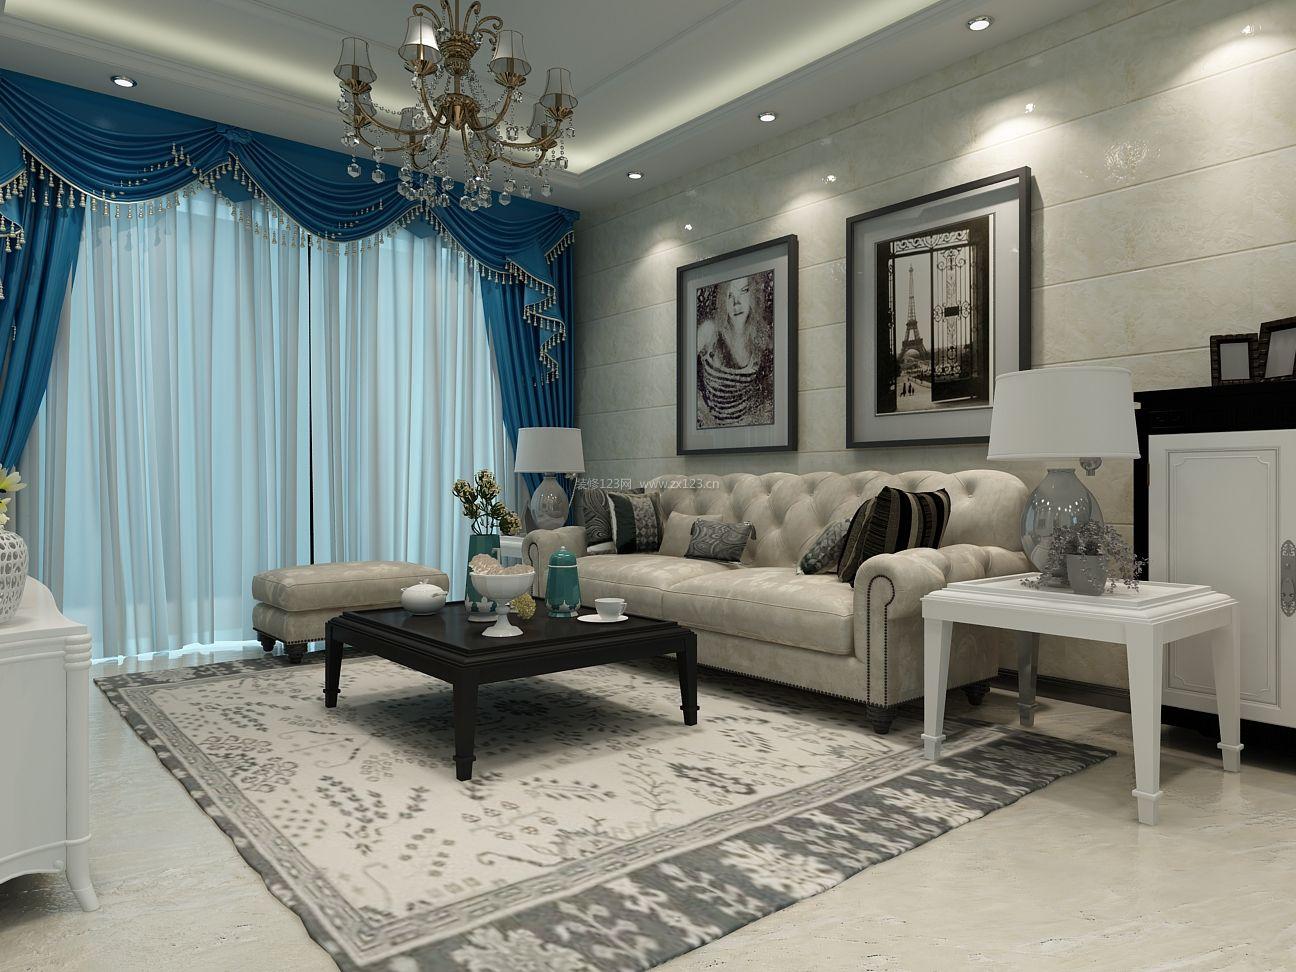 简欧小户型客厅瓷砖背景墙装修效果图图片